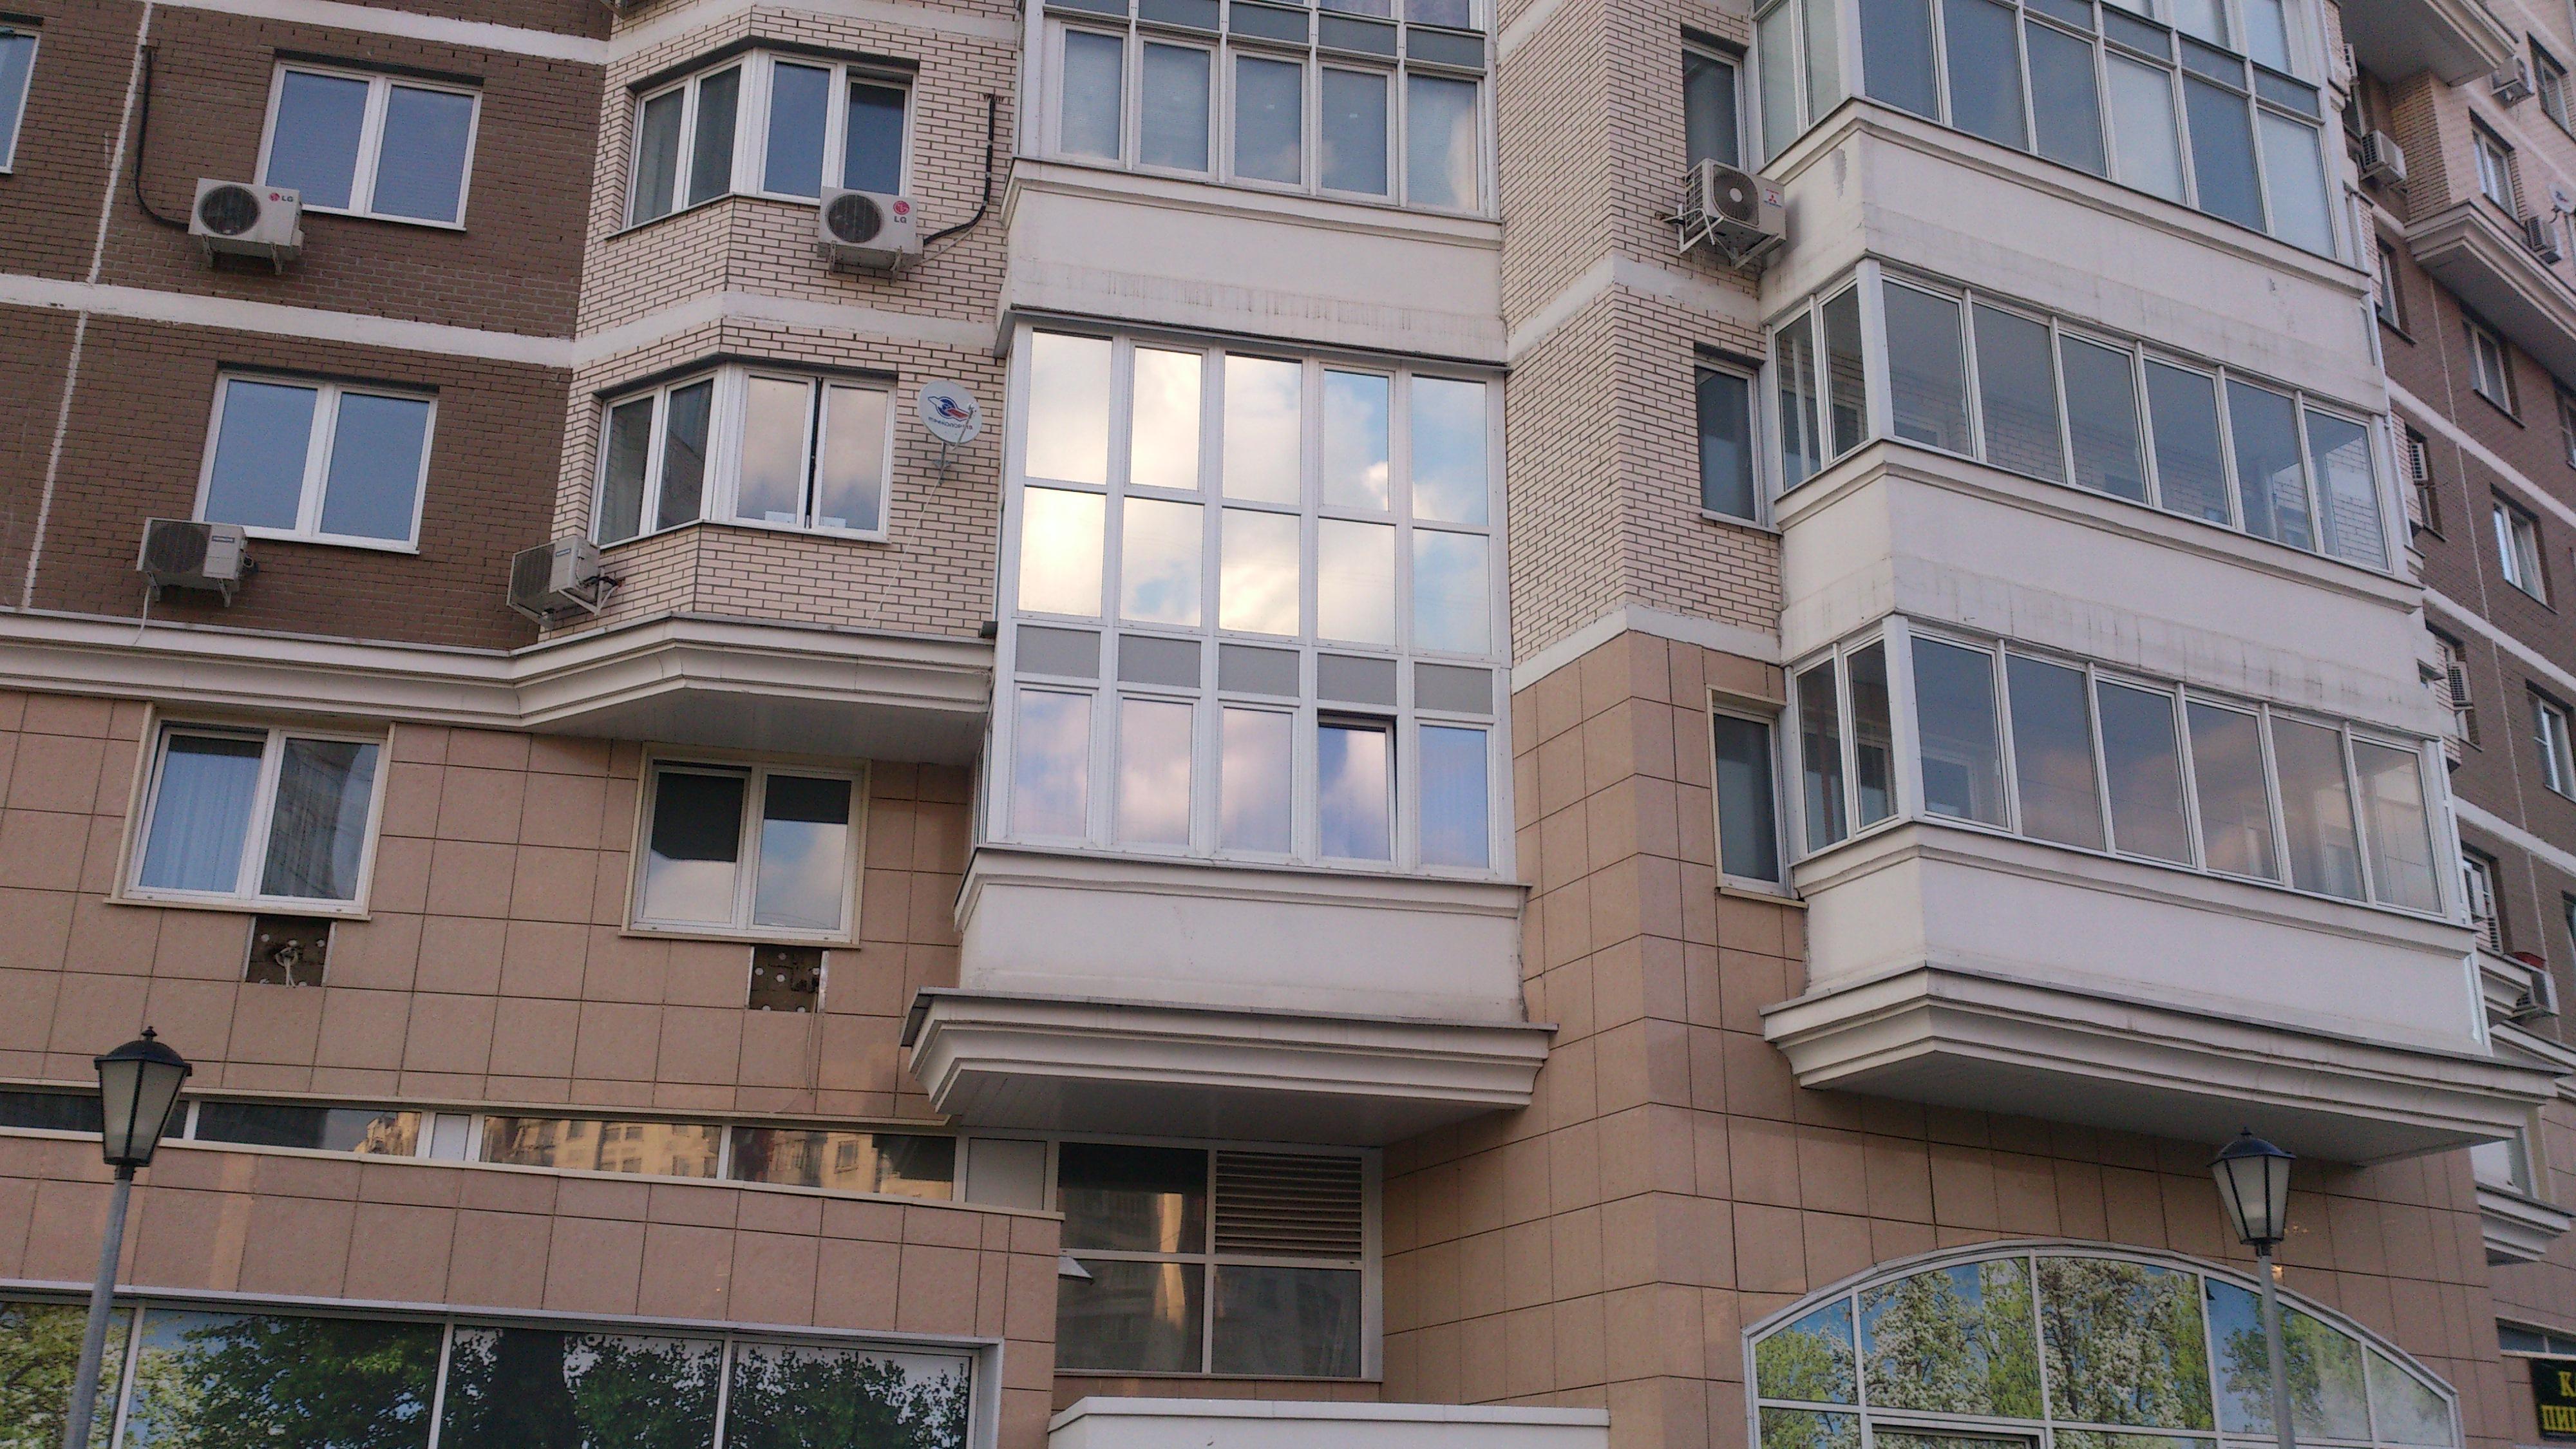 Тонирование стёкол квартиры солнцезащитной плёнкой Silver 15